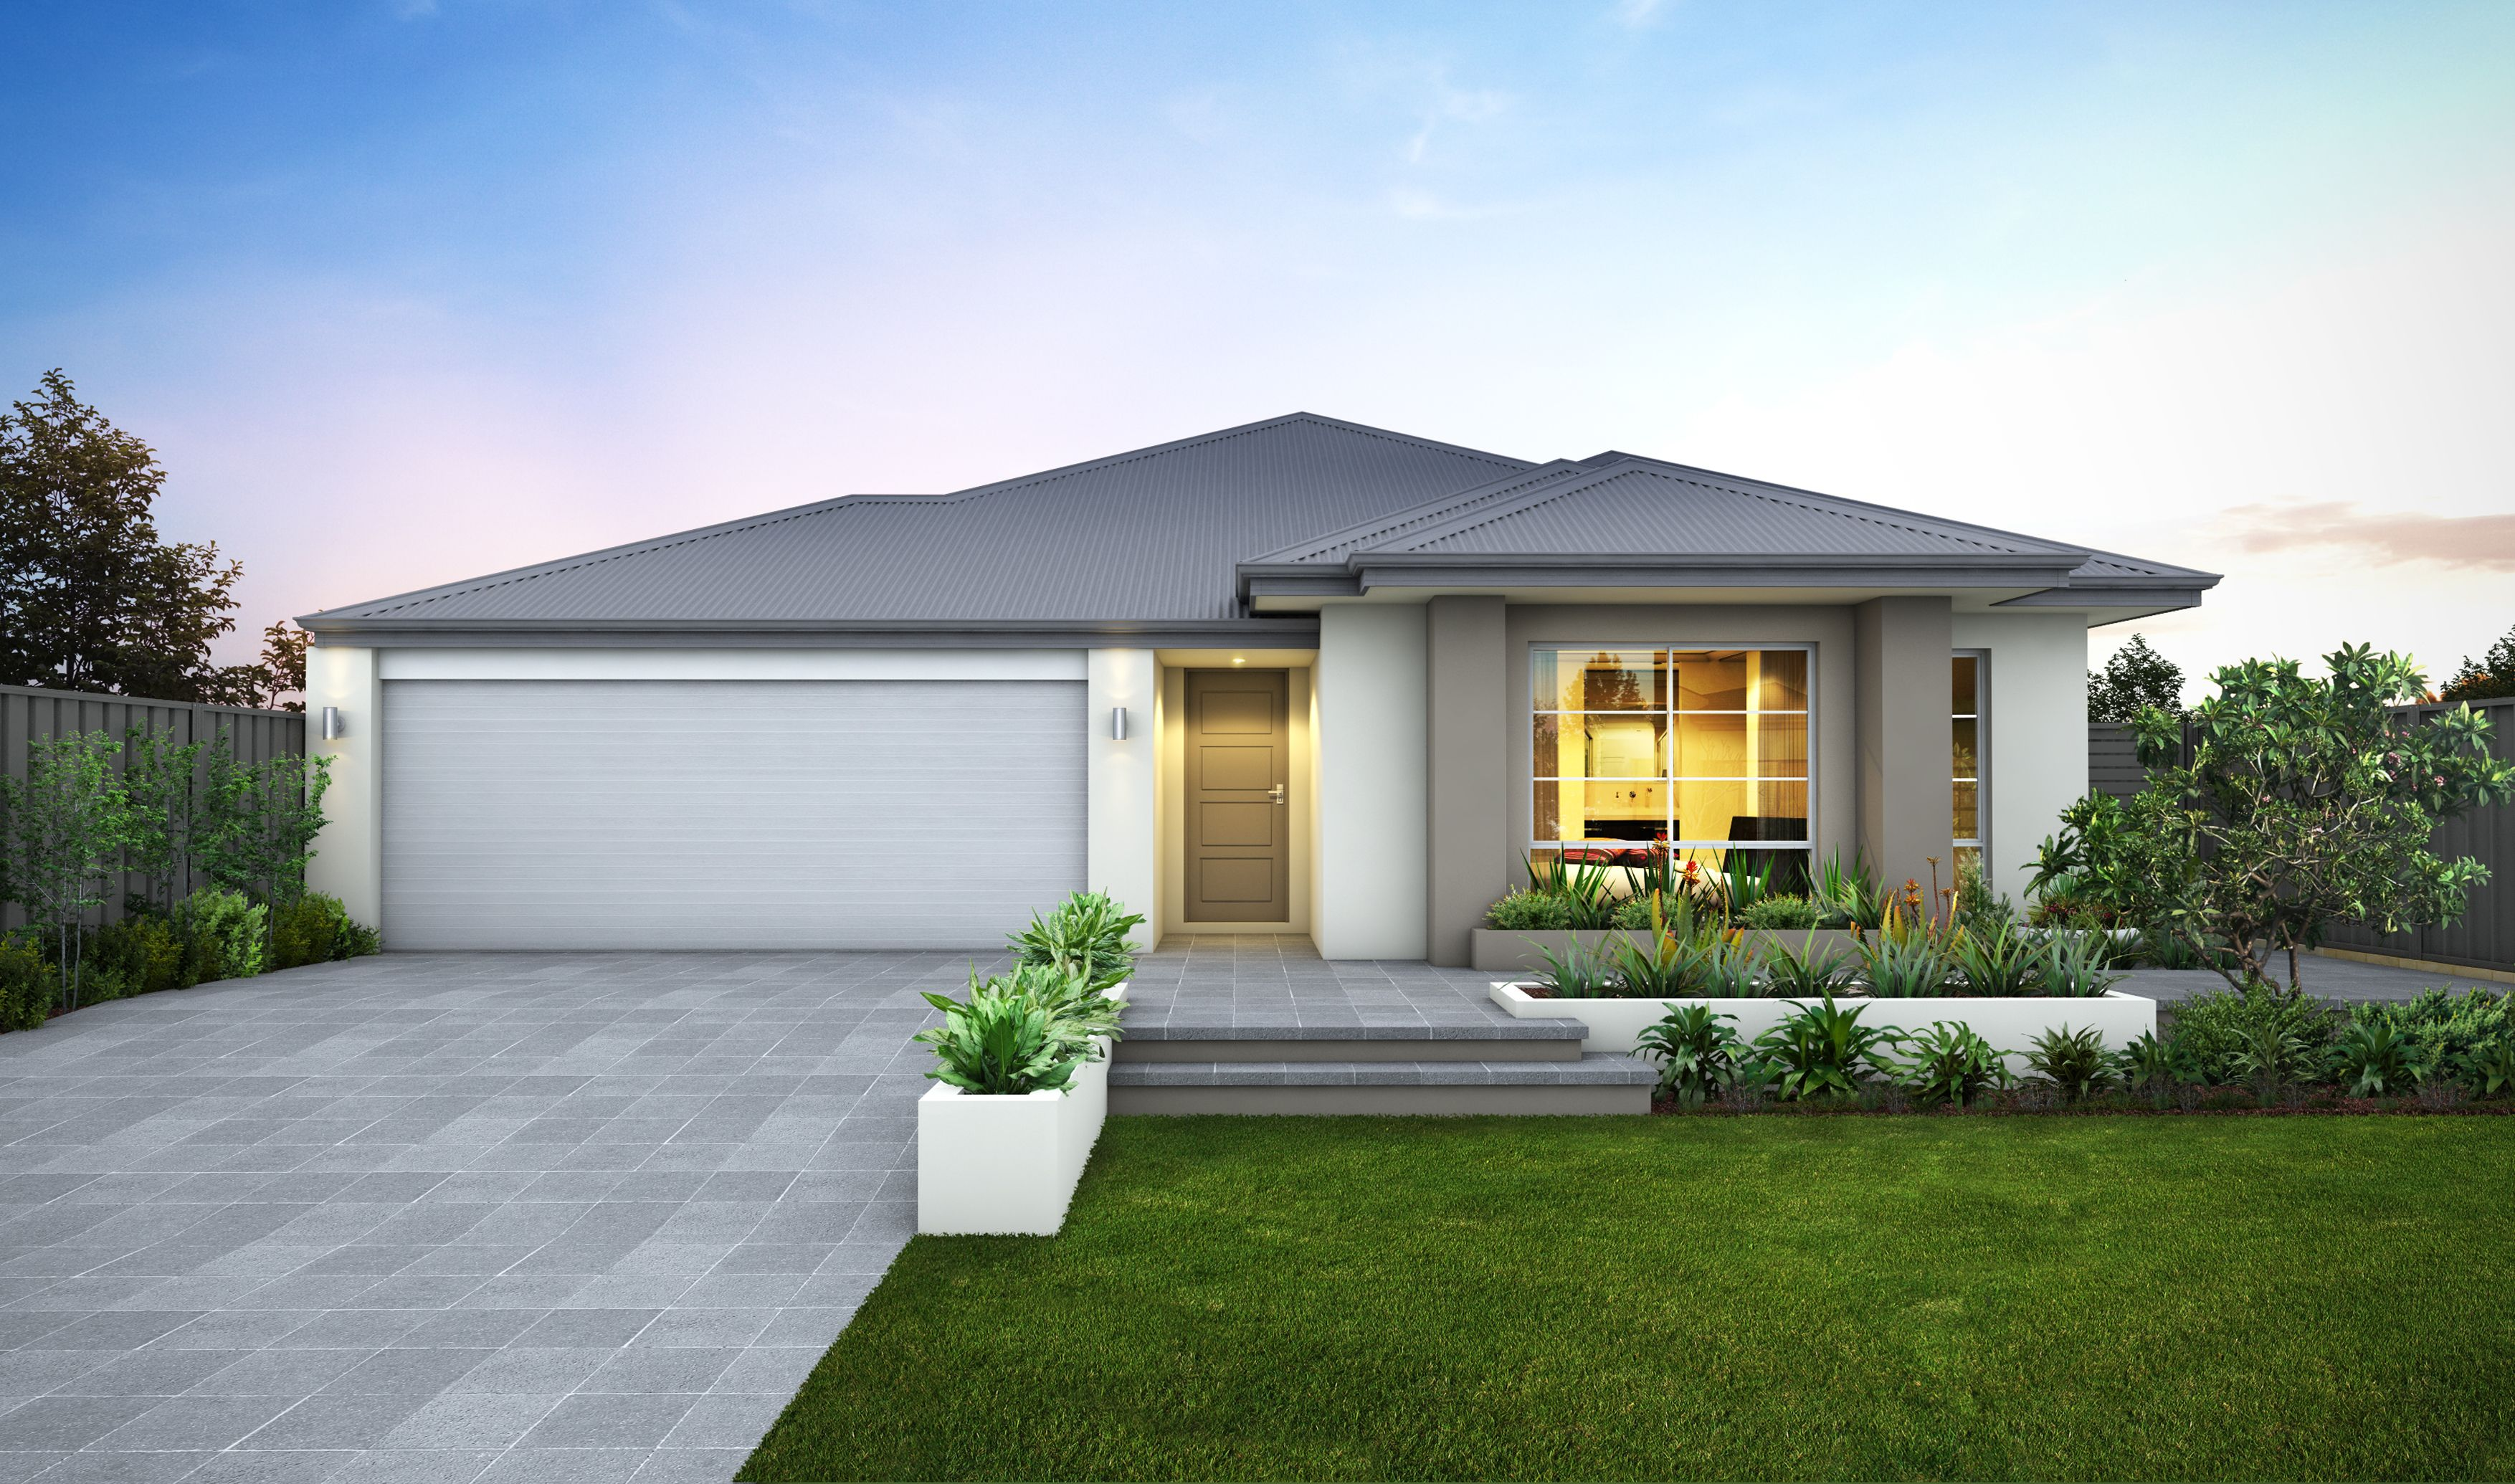 brick single story house facades - Google Search | Facade ...